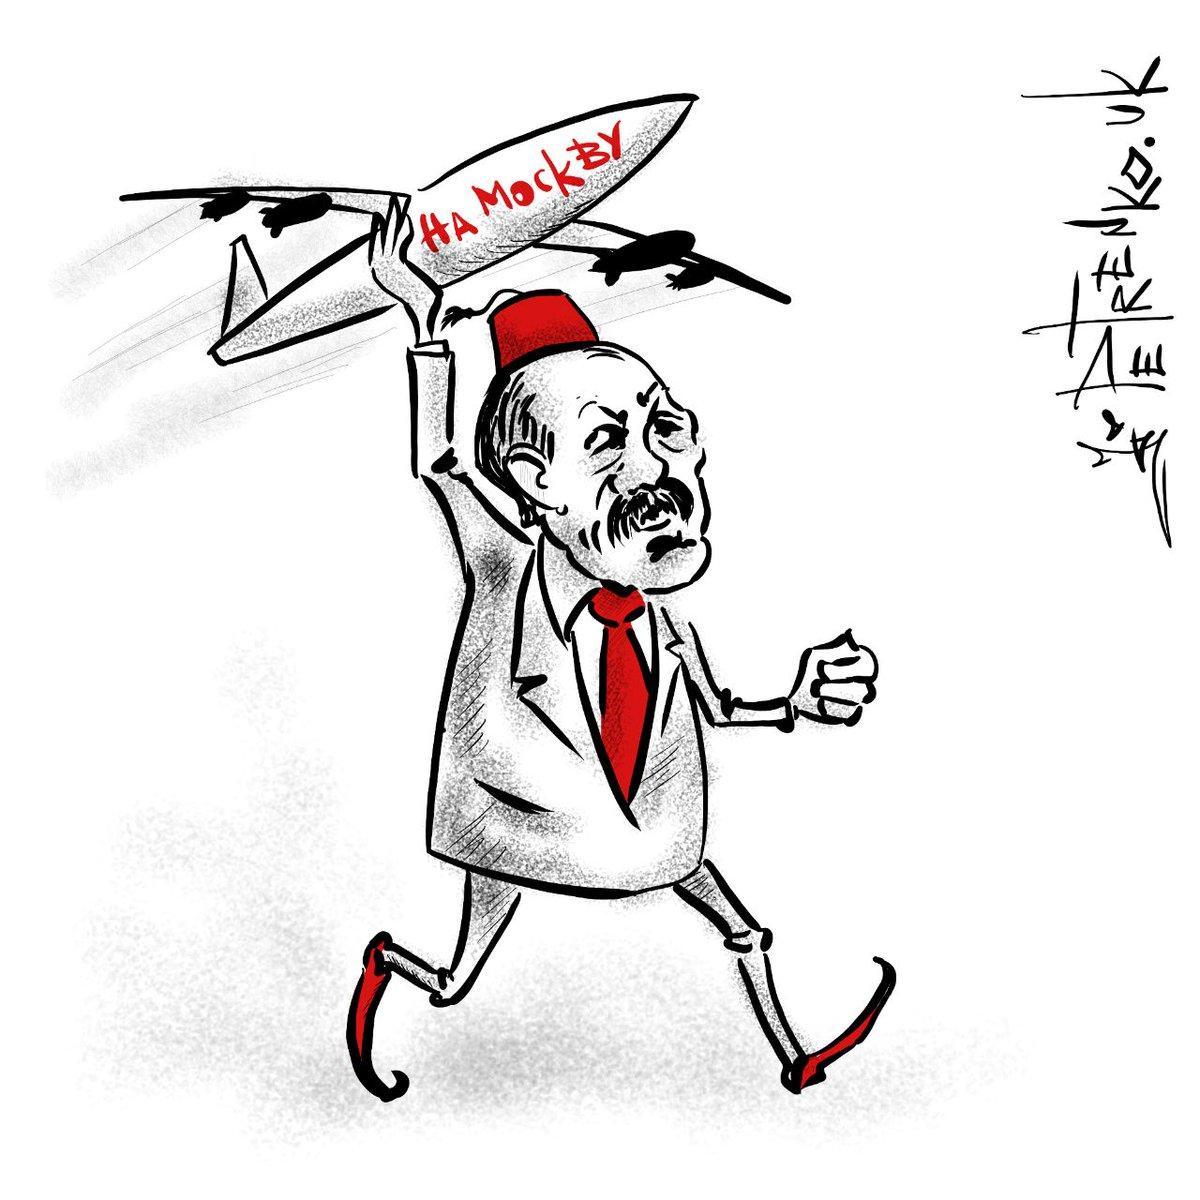 Пілот турецького винищувача вилетів на бомбардування із плакатом про сексуальне насильство над росіянами - Цензор.НЕТ 572